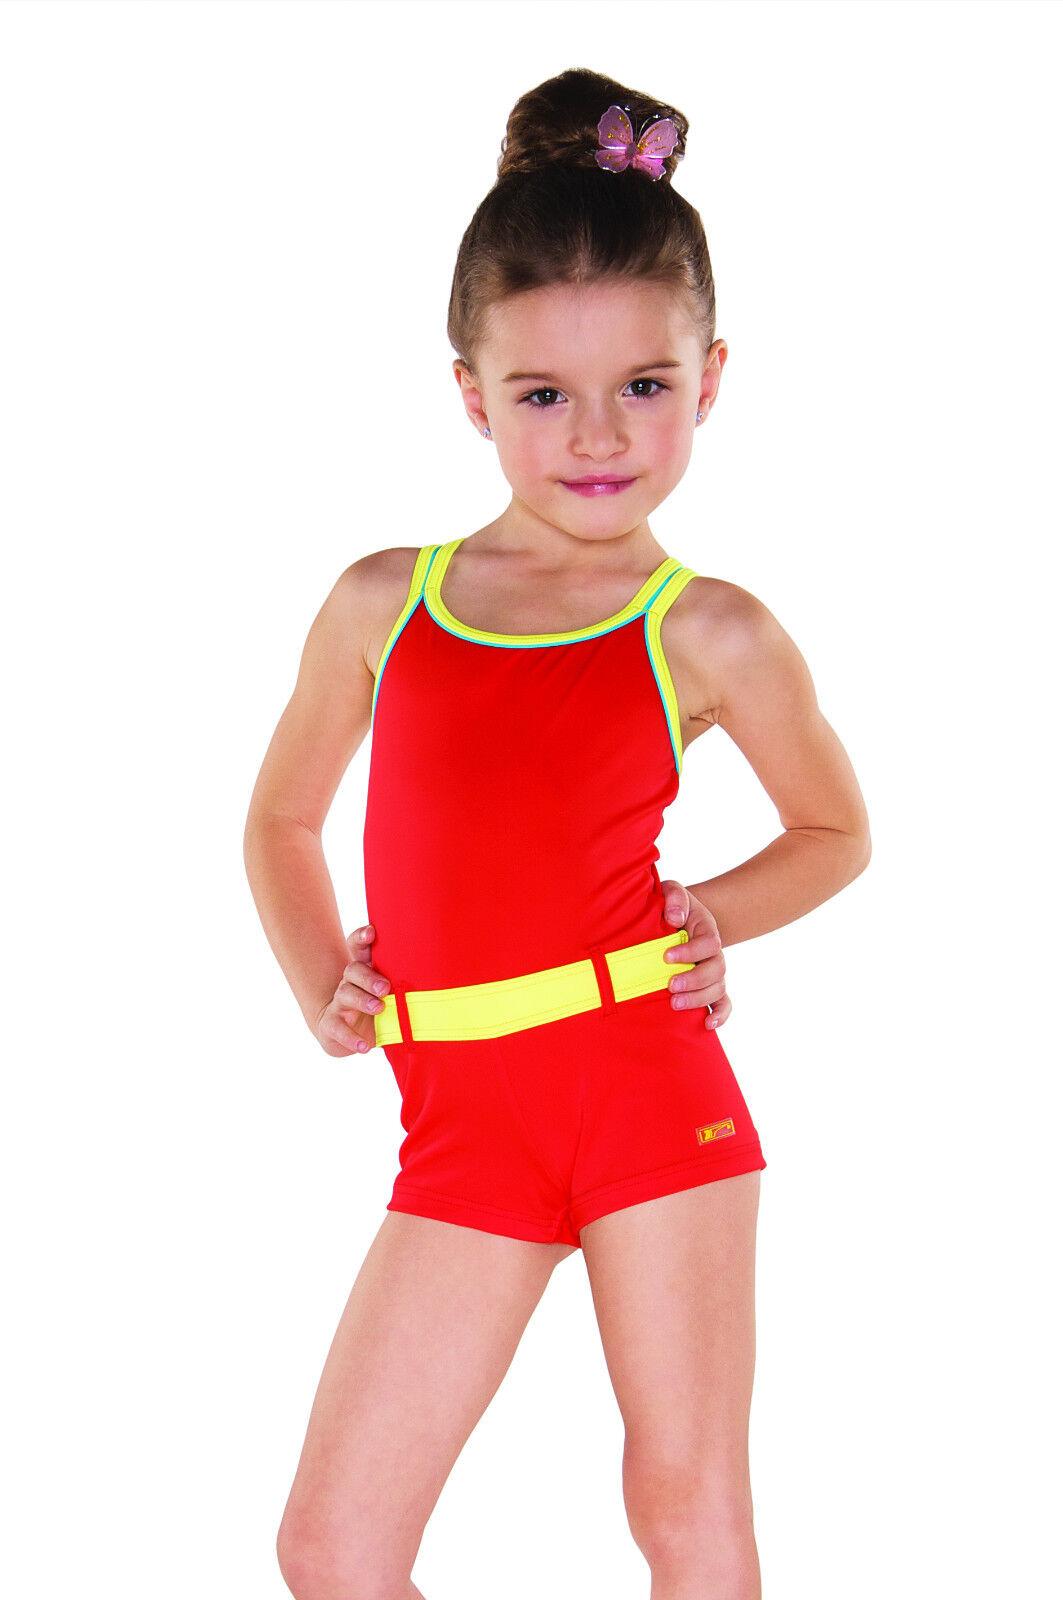 Shepa Mädchen Kinder Badeanzug Schwimmanzug 116 122 128 134 140 146 152 158